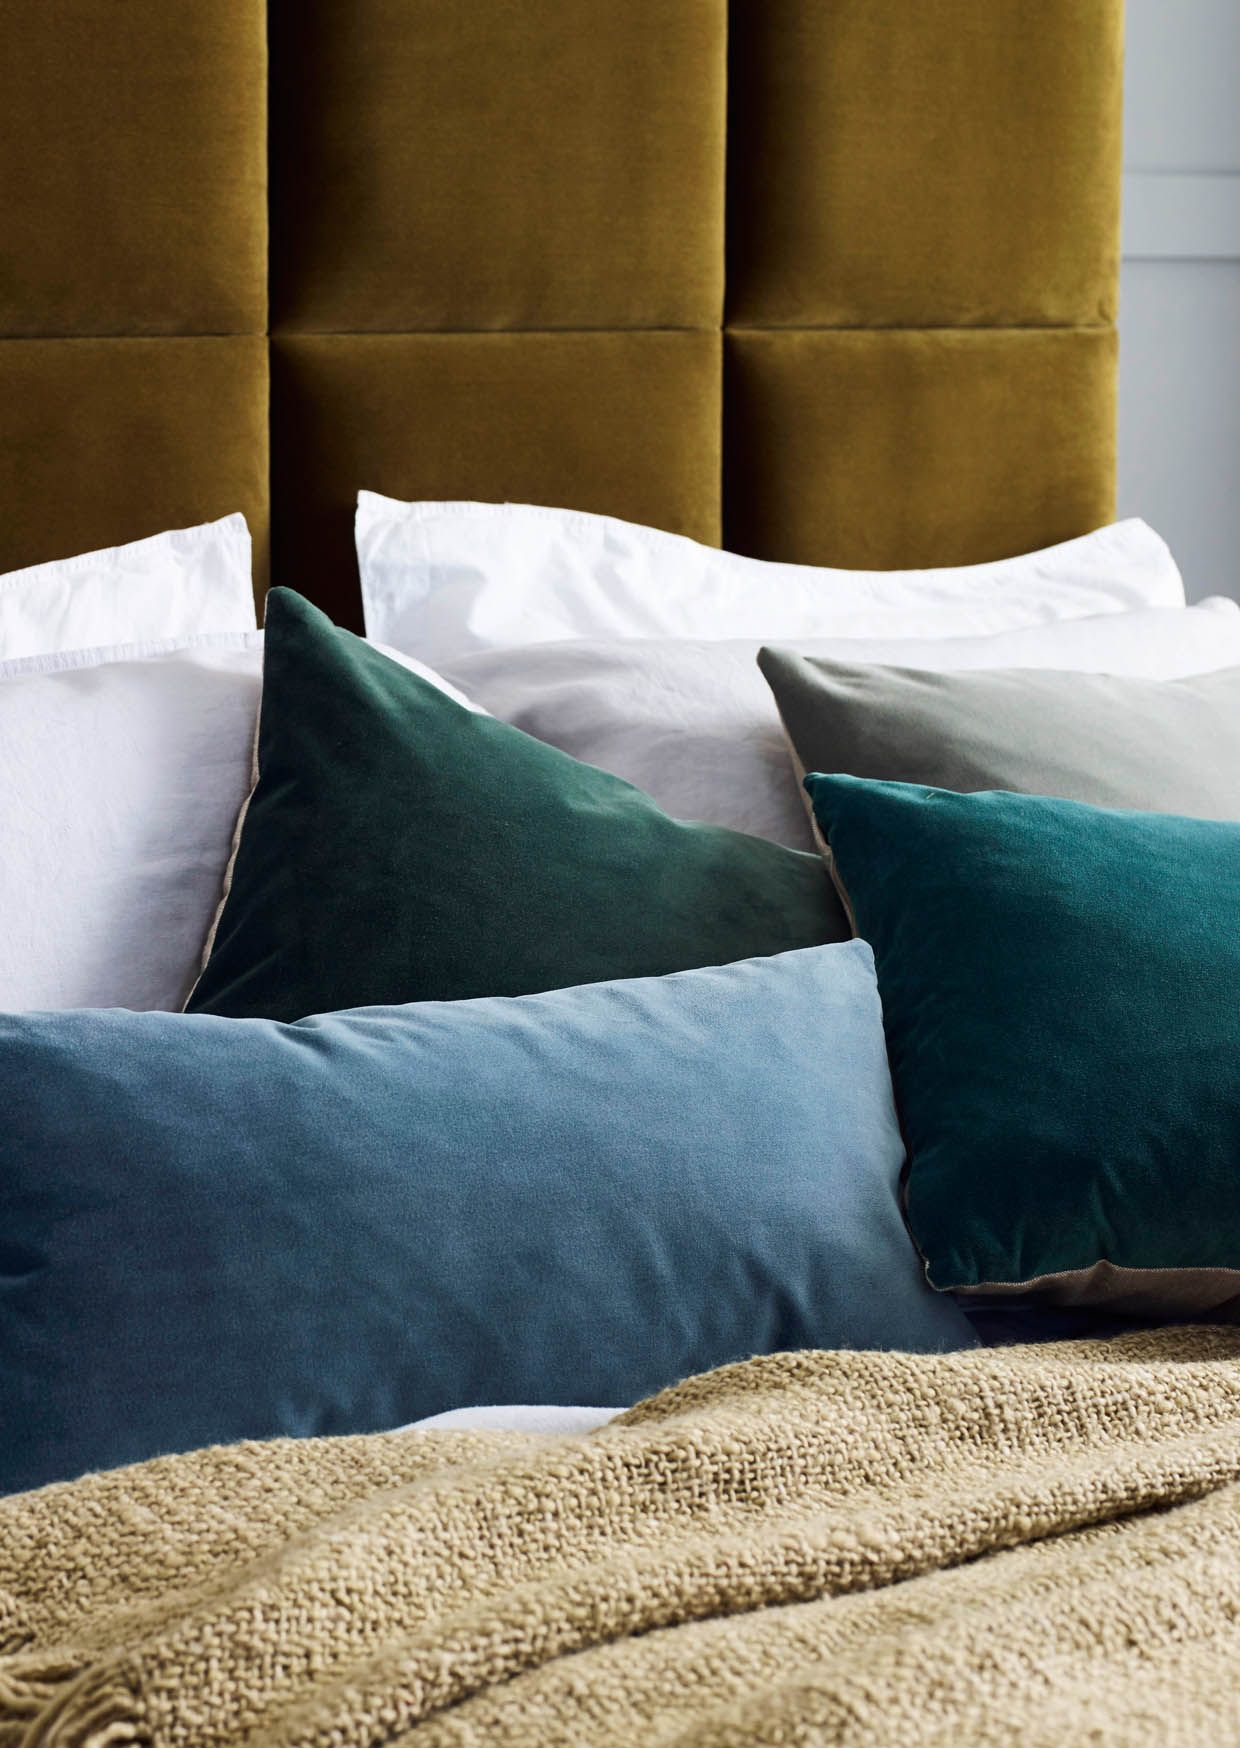 UPHOLSTERED BEDS/ Green stain resistant velvet cushions